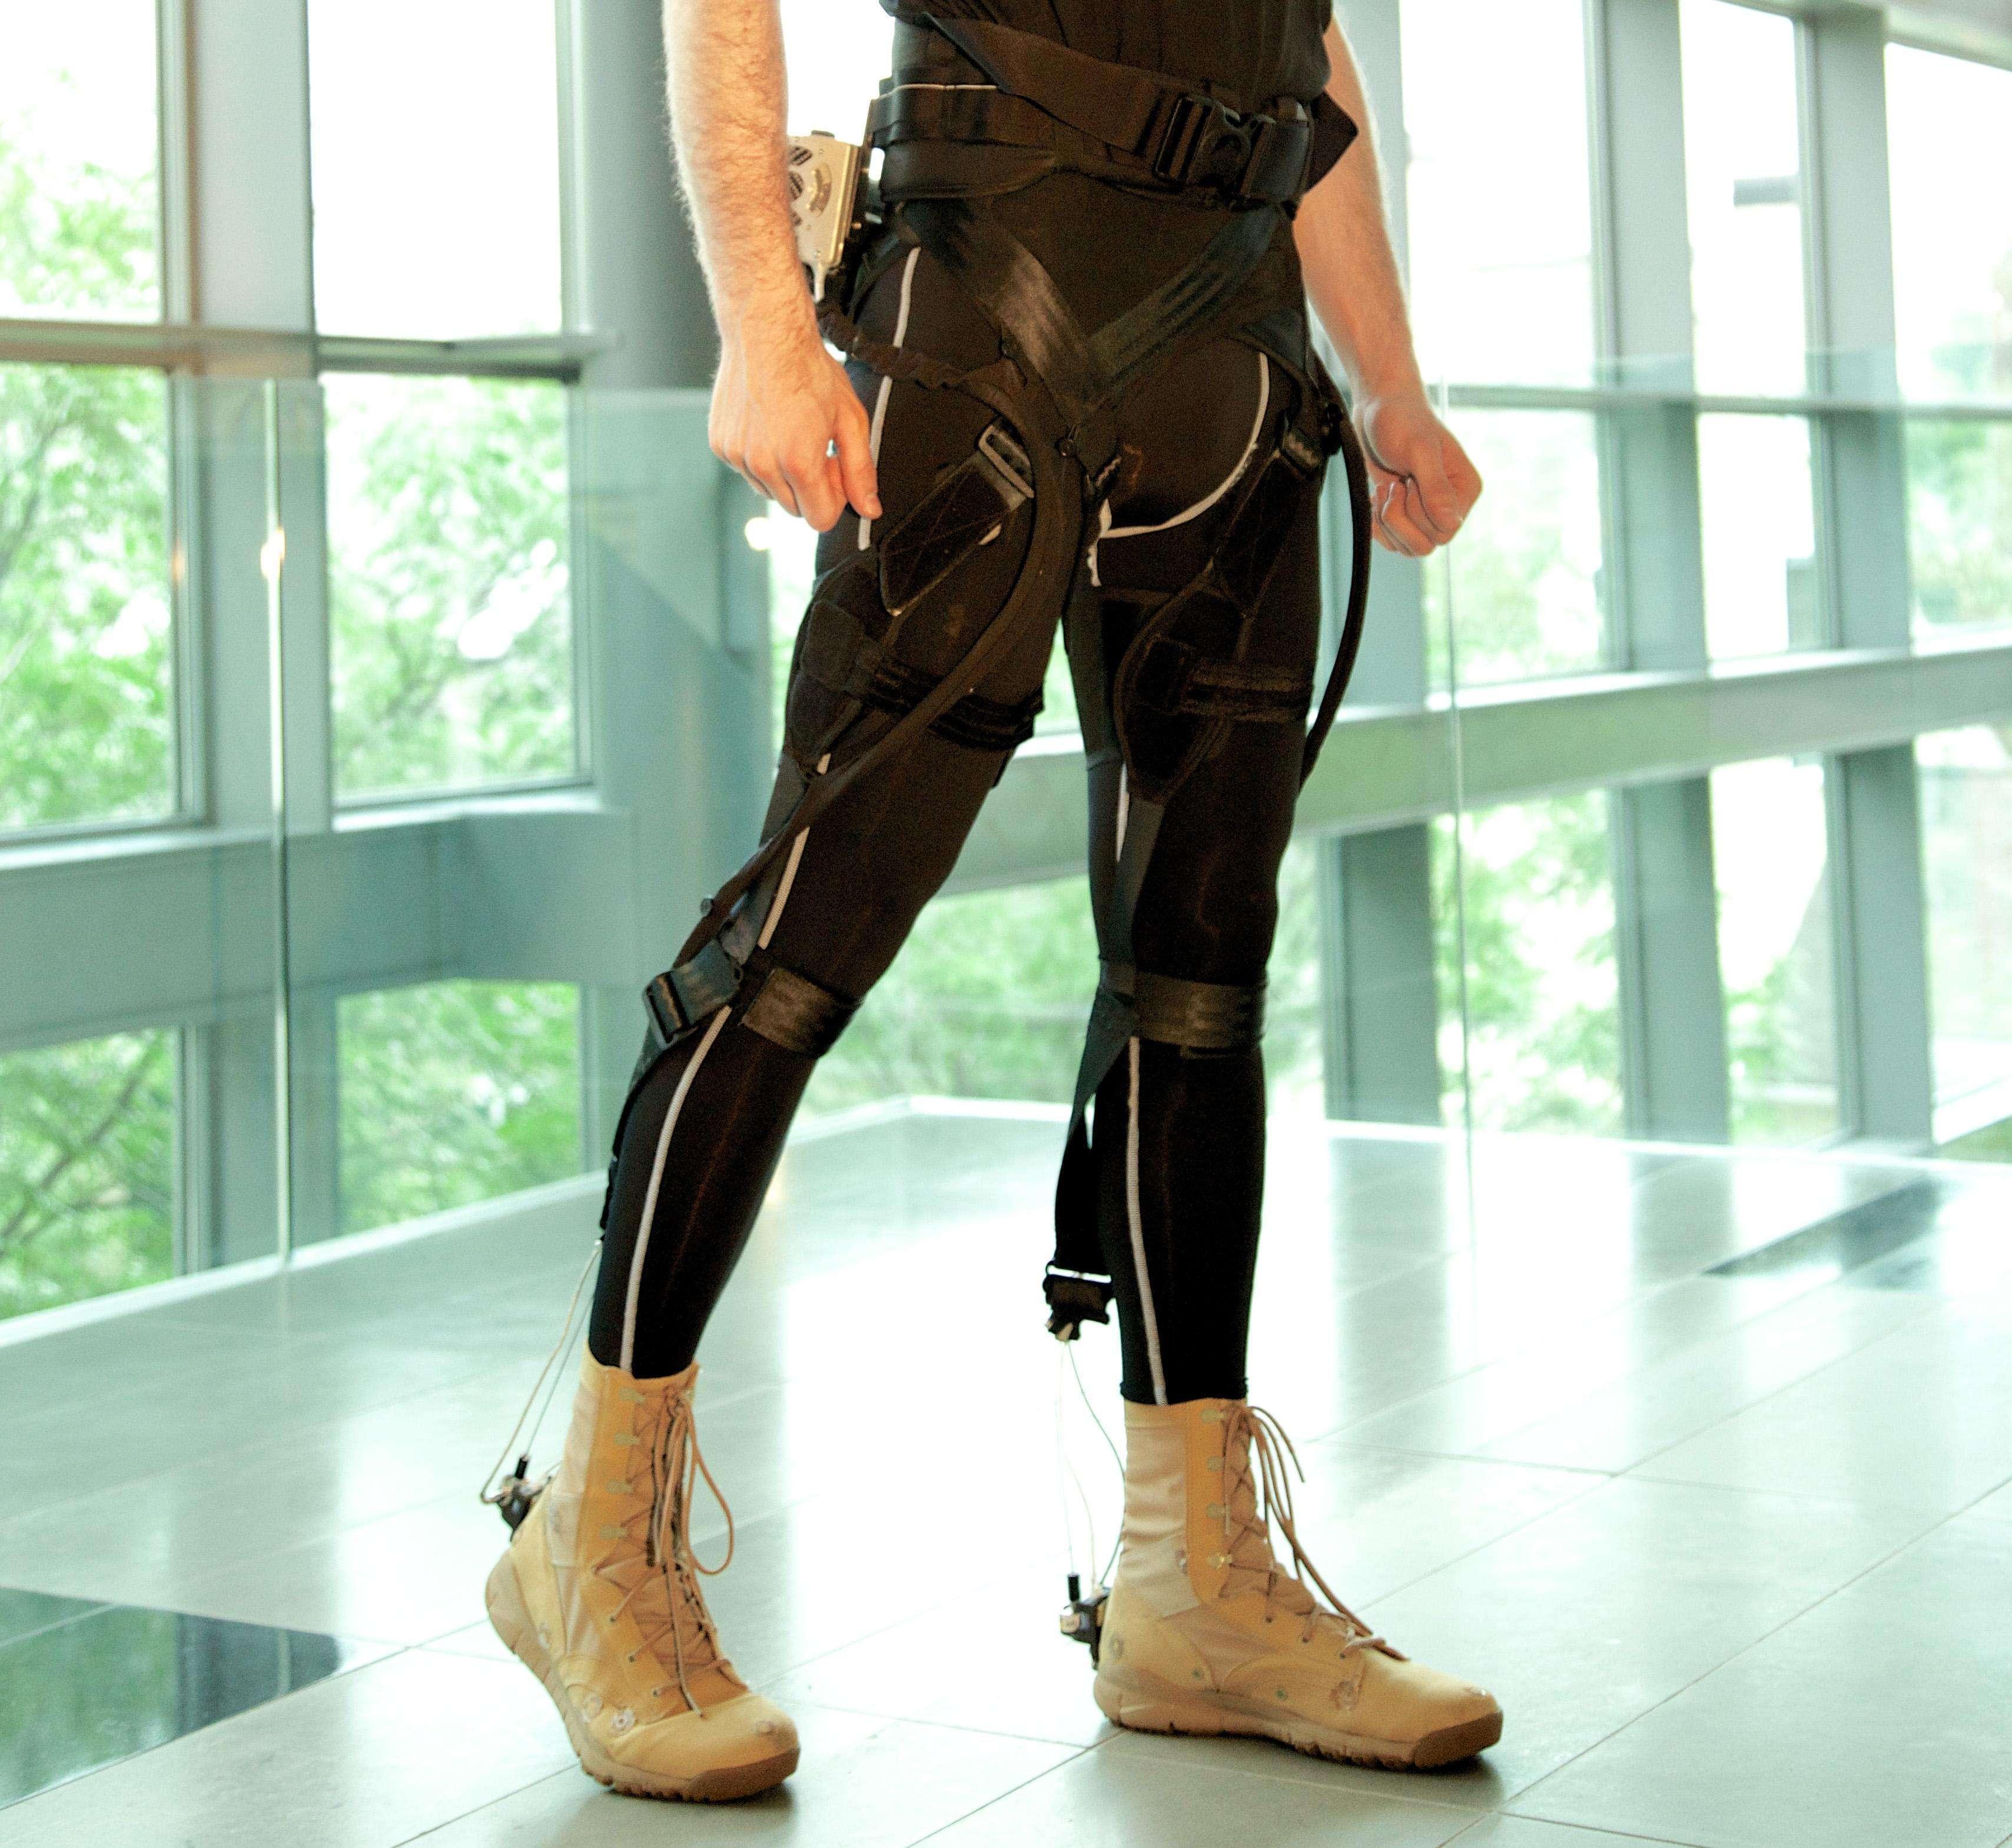 Harvard está desenvolvendo exo-esqueleto leve para pacientes parcialmente paralisados